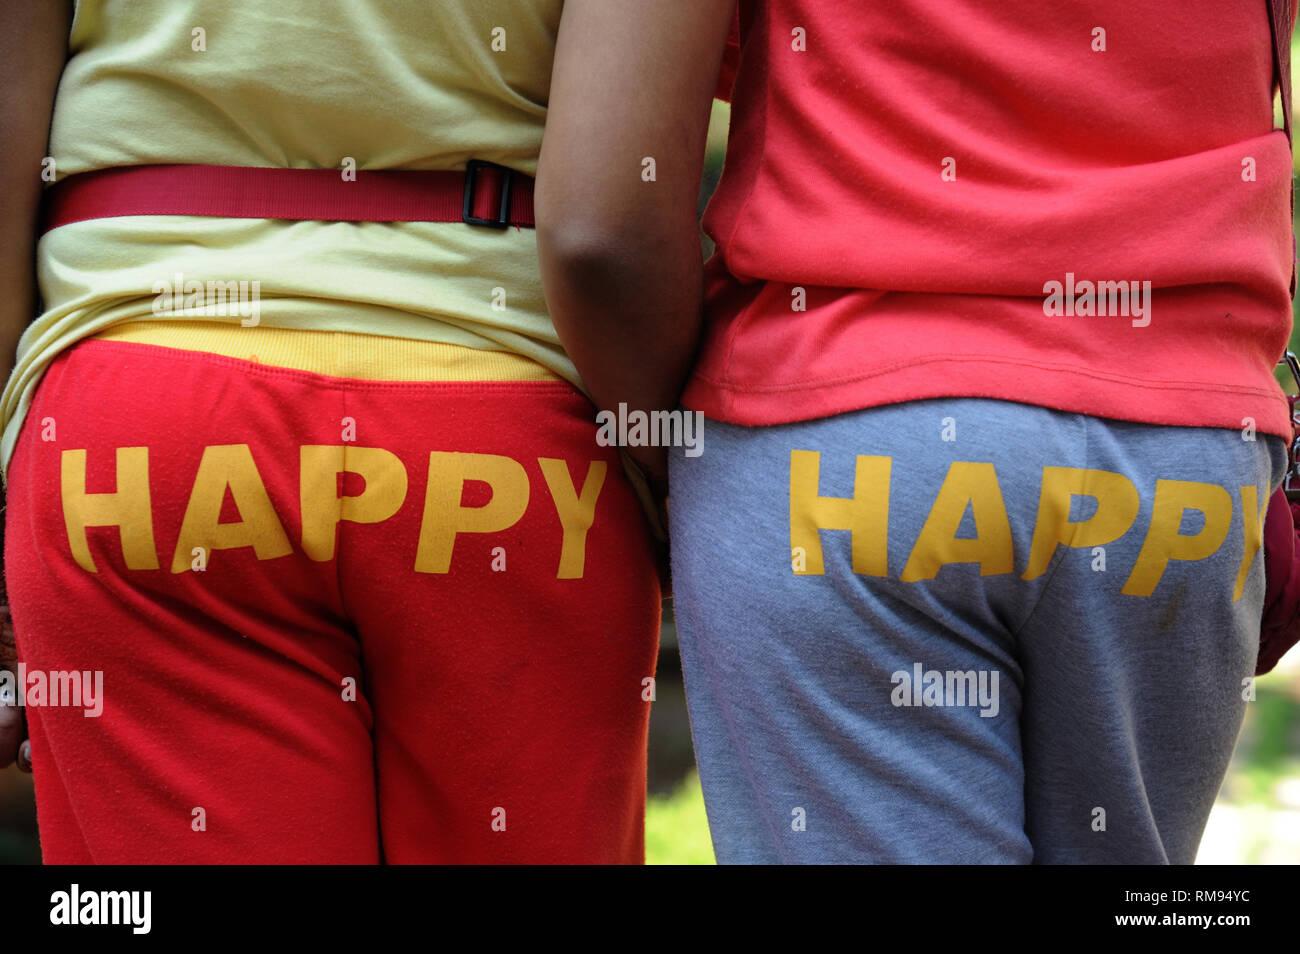 Felice stampata sul retro dei pantaloni, India, Asia, signor#364 Immagini Stock